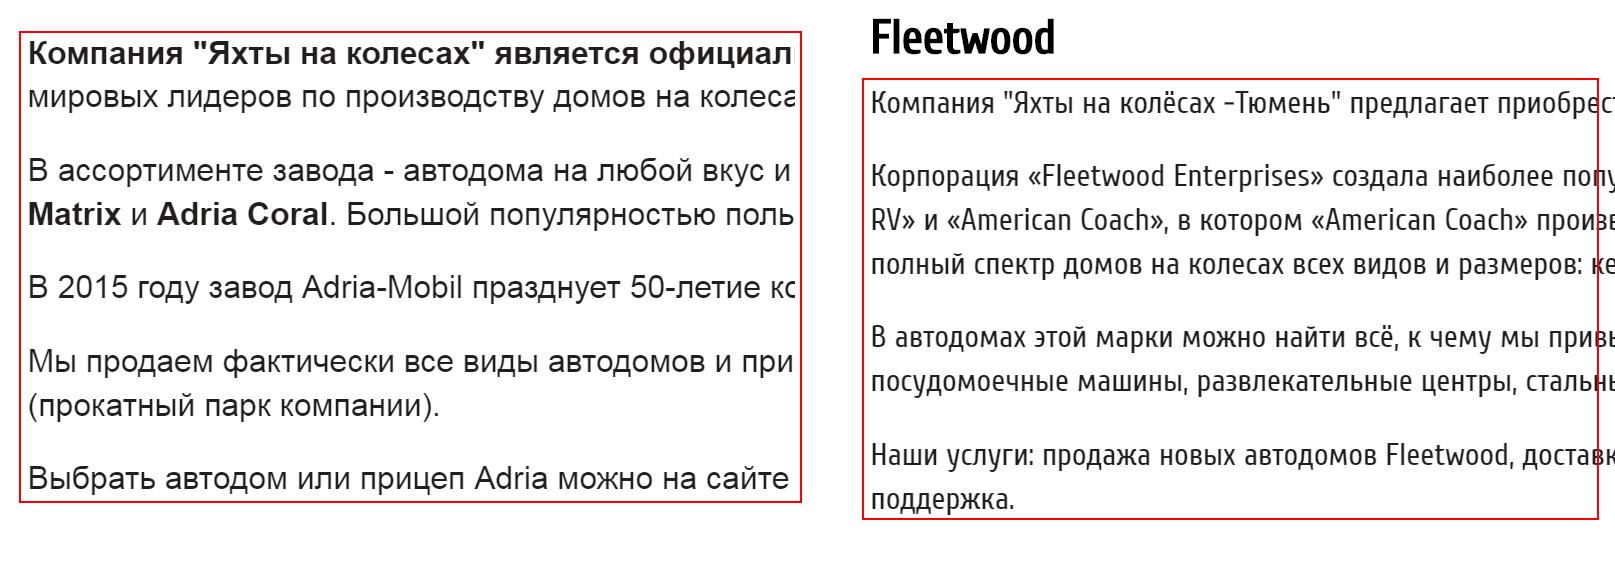 Оформление текстов сайта